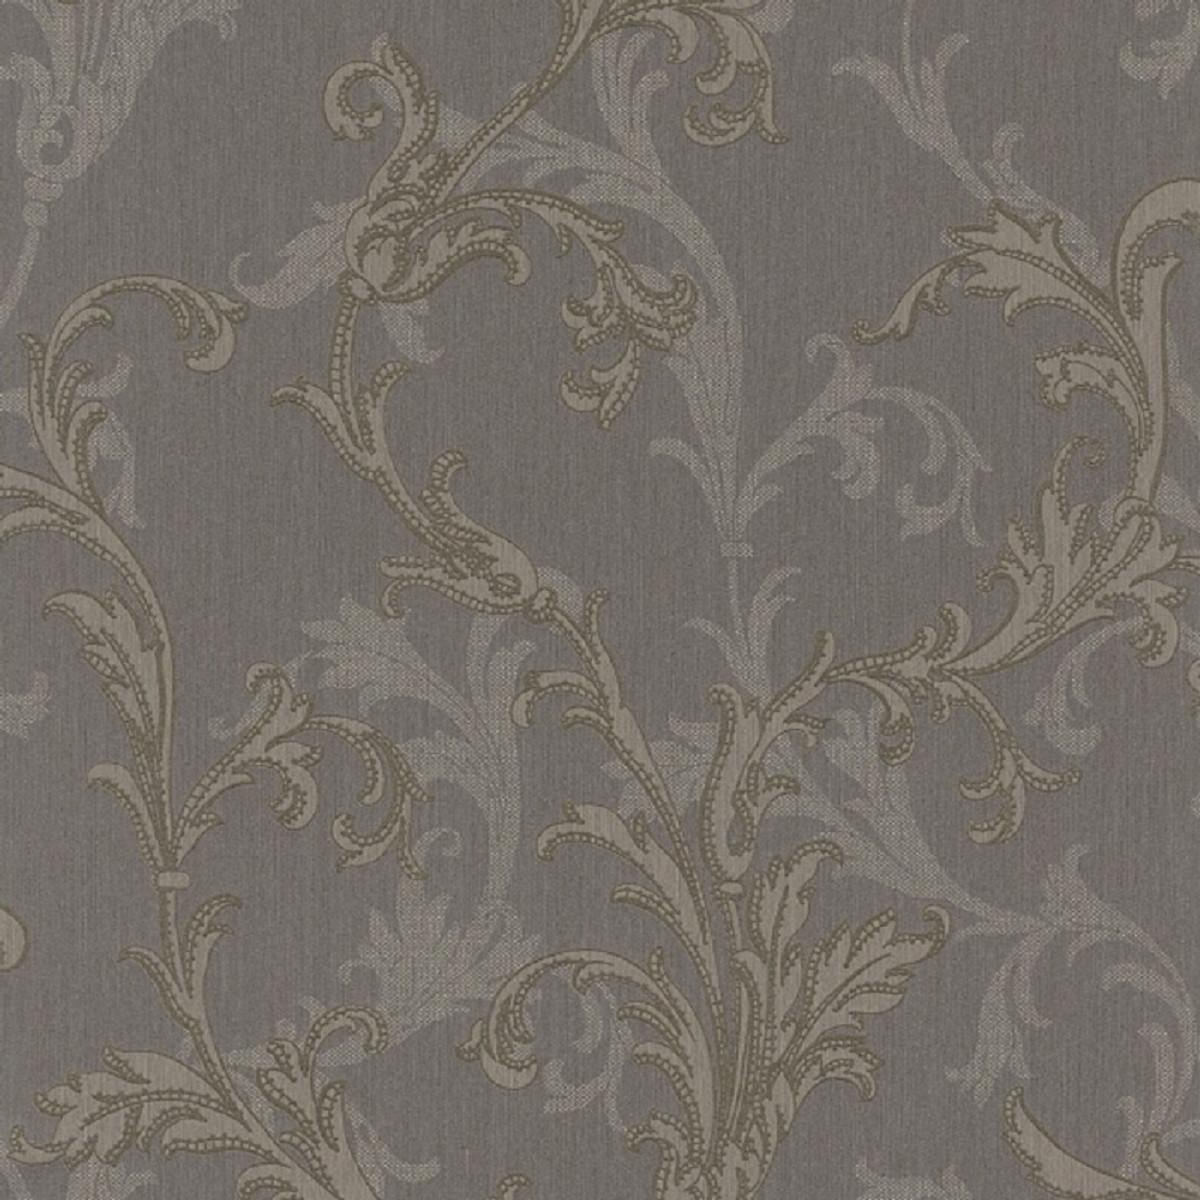 Casa Padrino Barock Textiltapete Grau / Silber / Braun 10,05 x 0,53 m -  Hochwertige Wohnzimmer Tapete im Barockstil | Ceres Webshop